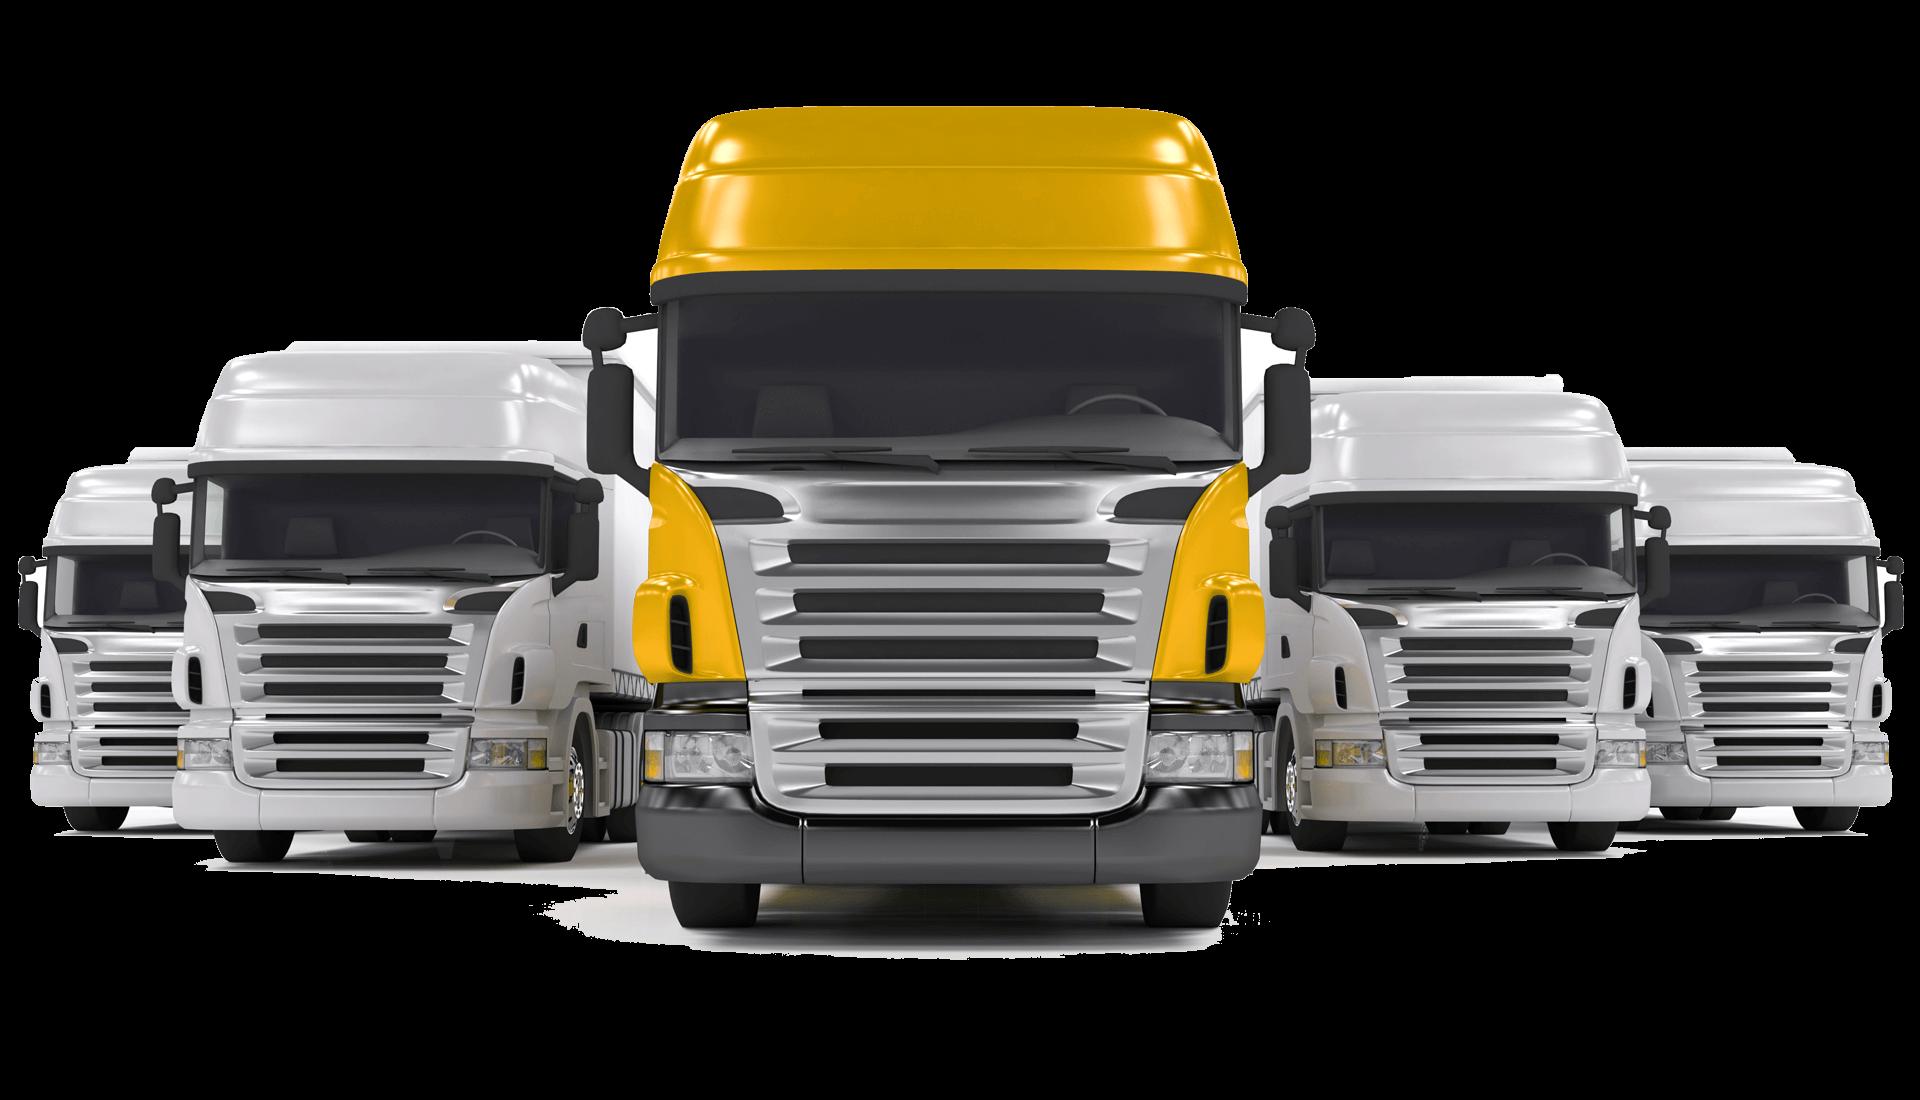 https://ecowiseskipbins.com.au/wp-content/uploads/2017/07/trucks.png